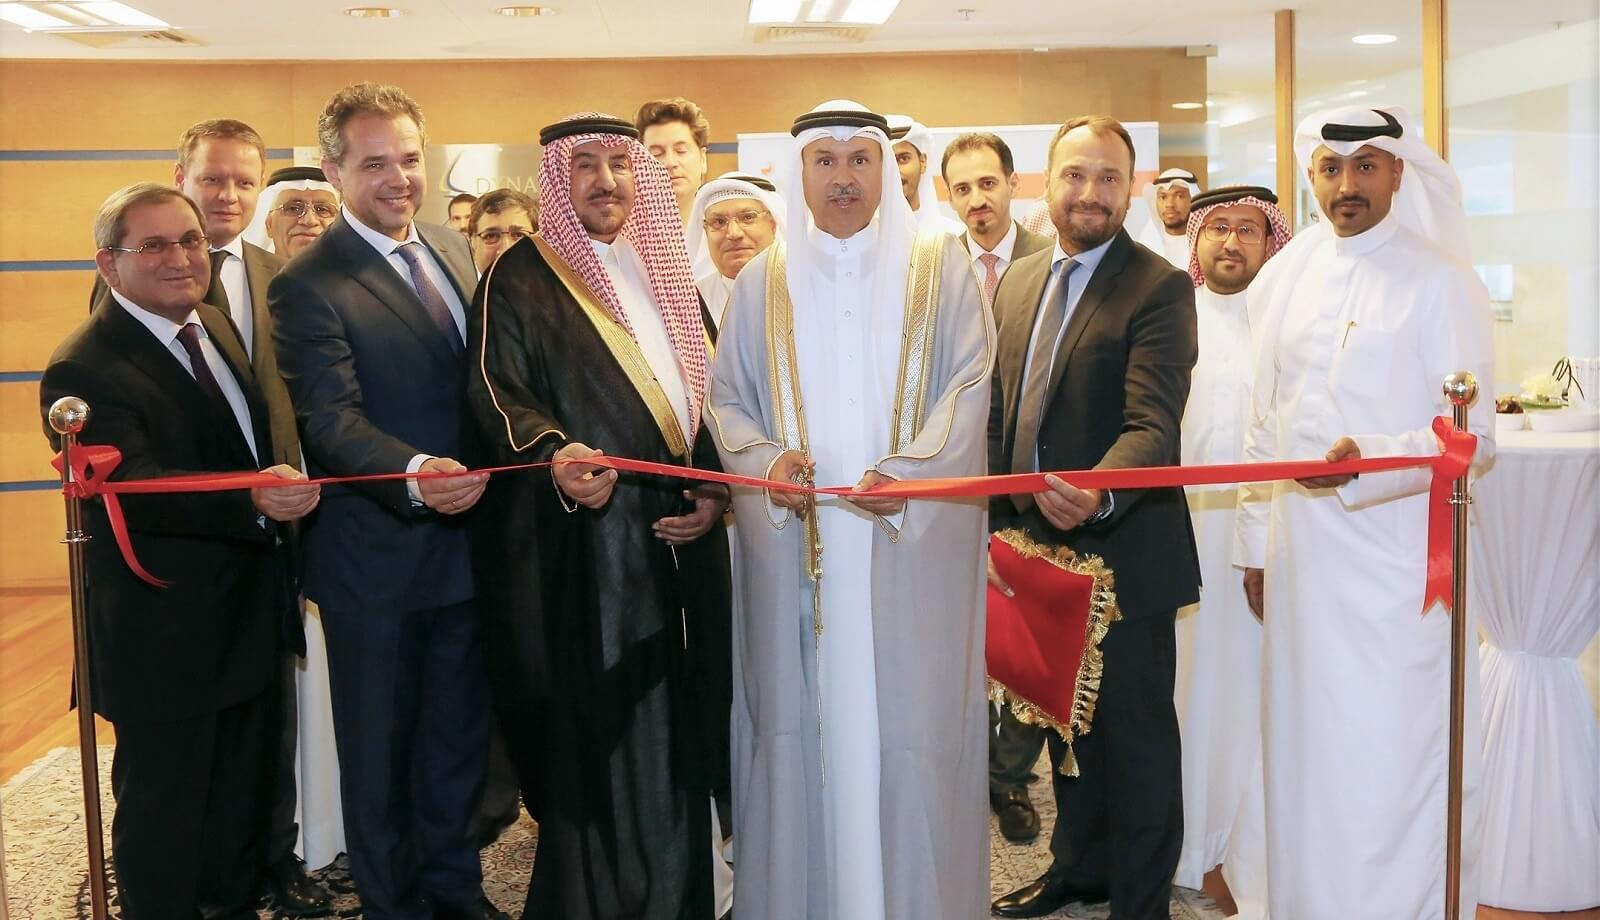 محافظ العاصمة يفتتح مكتب عمليات شركة انتراتول لمنطقة الخليج في البحرين